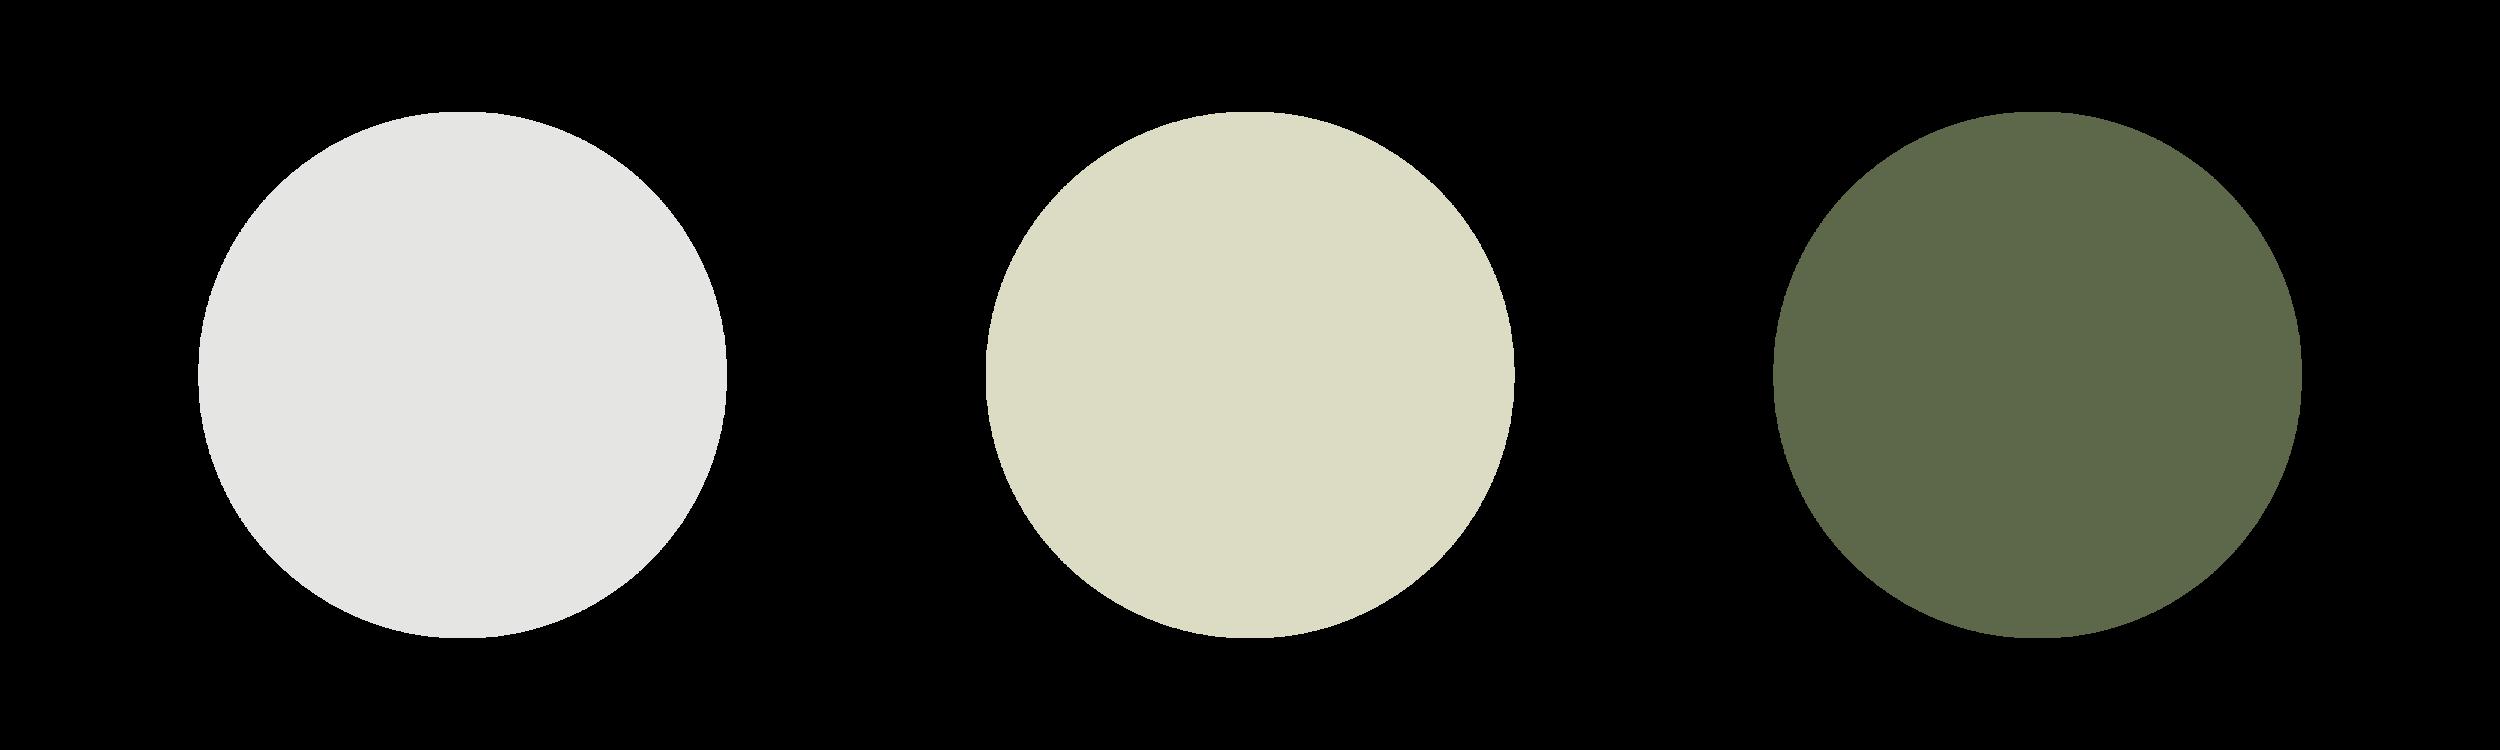 sm-color-scheme-1.png